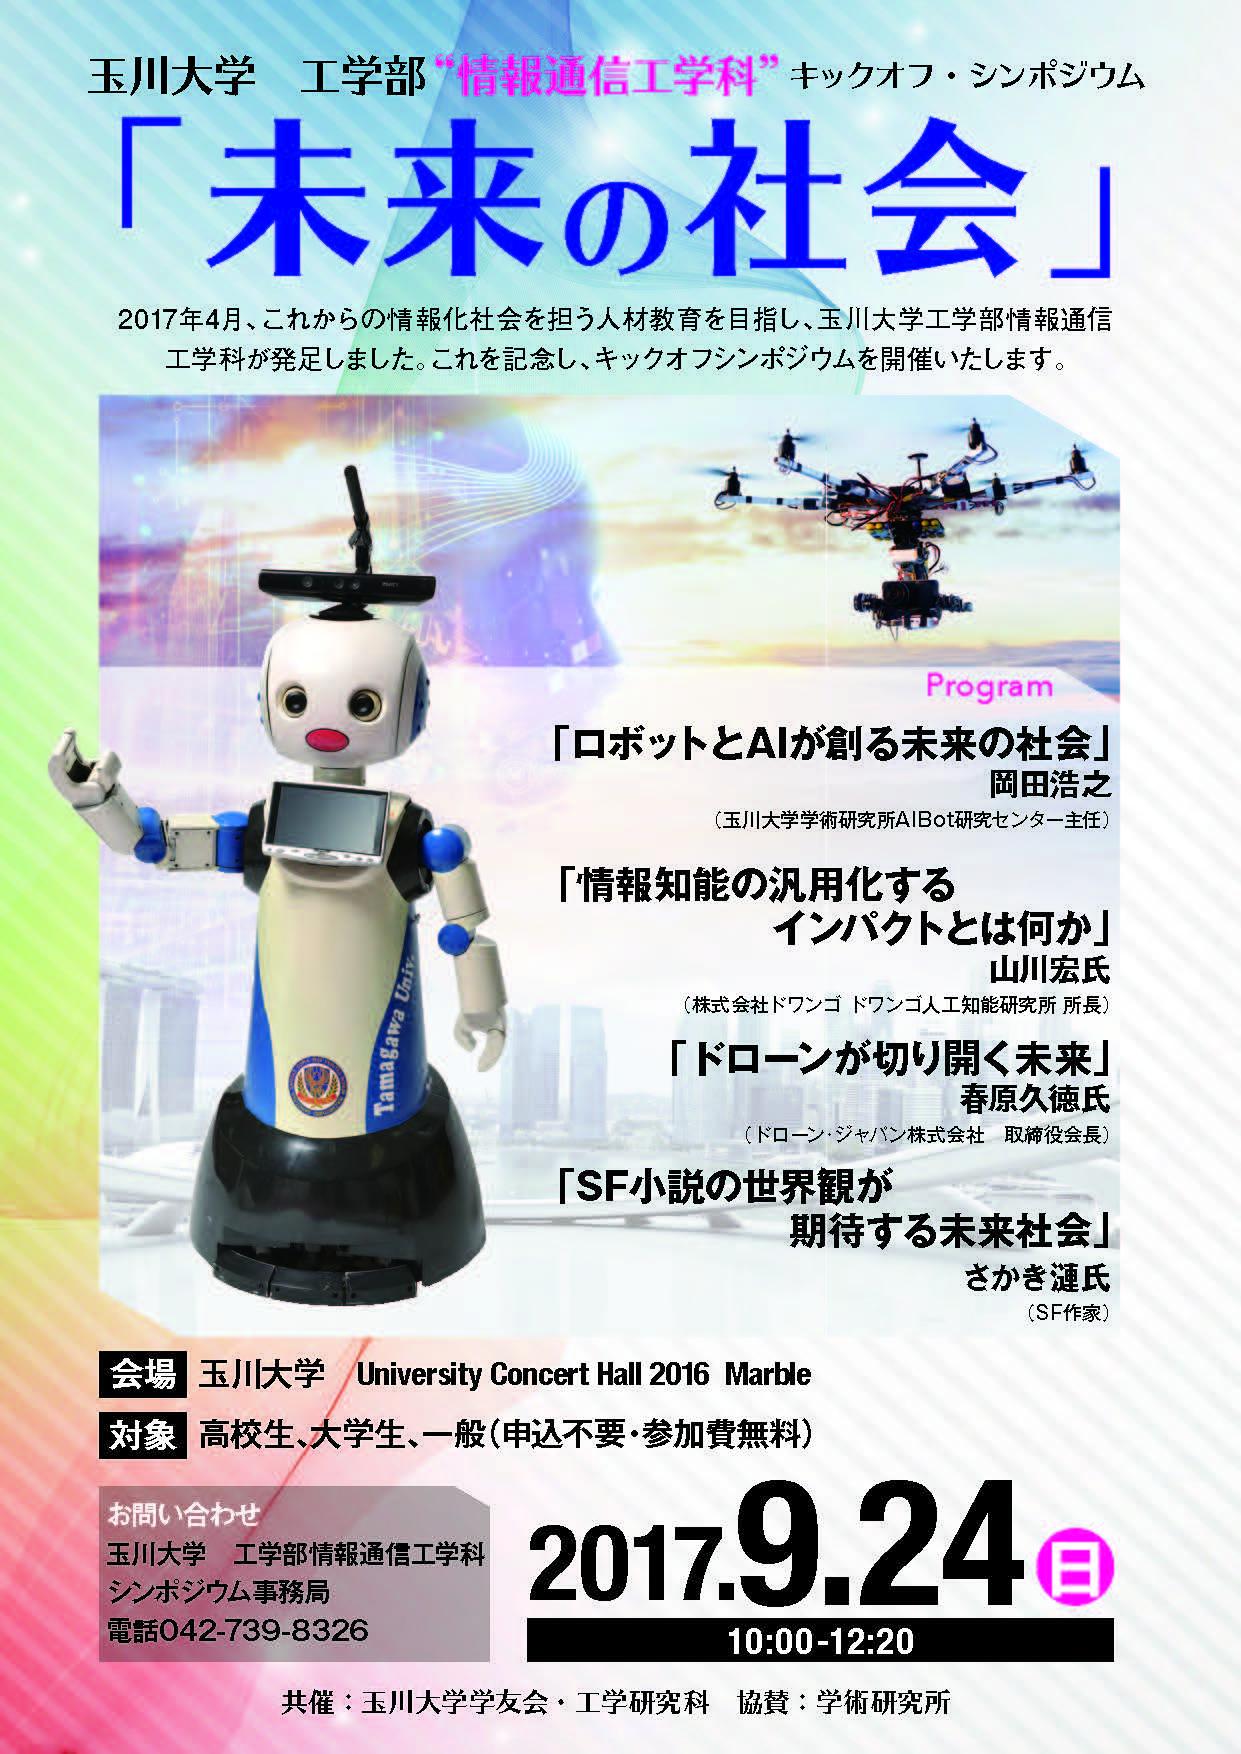 """玉川大学 工学部""""情報通信工学科""""新設記念キックオフ・シンポジウム -- いよいよ!AI・ロボットが人間と協働して社会を創る時代に! -- 「未来の社会」9/24(日)開催"""